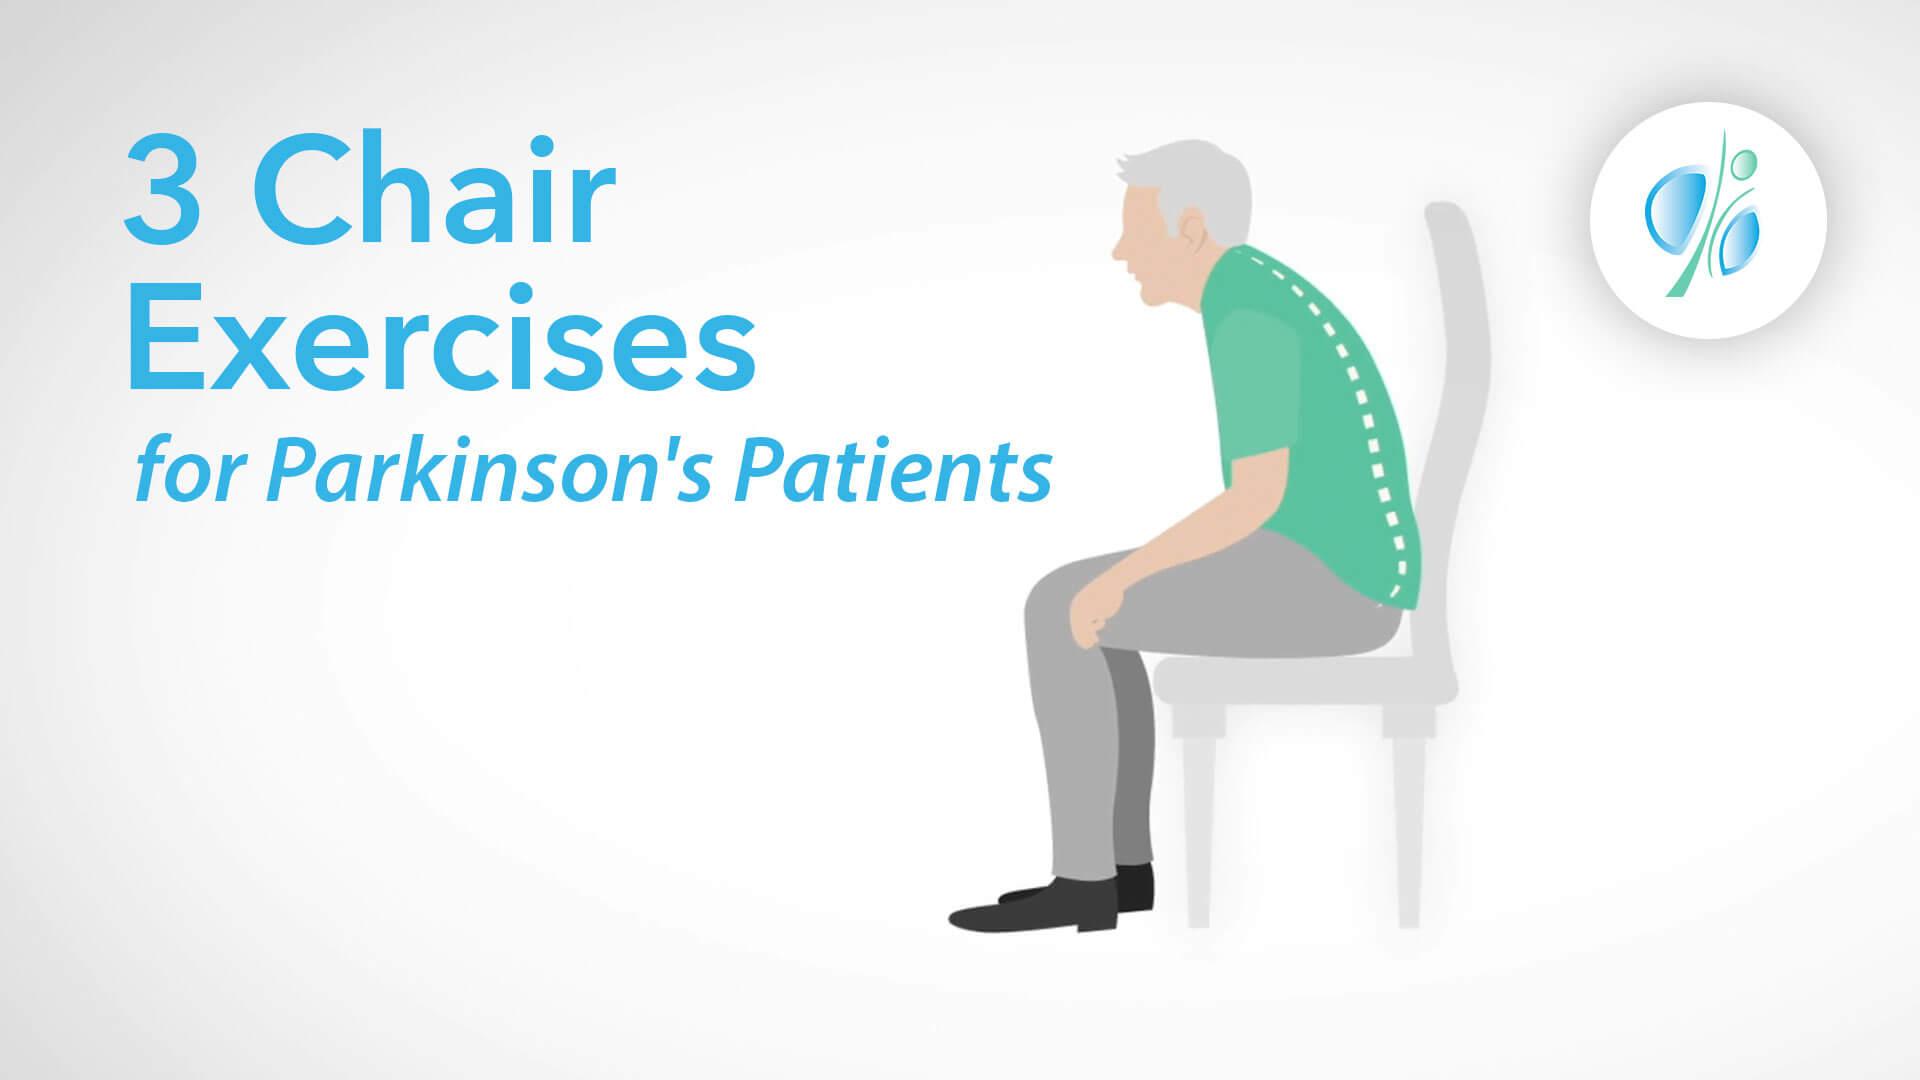 Chair-Exercises-for-Parkinson's-Patients